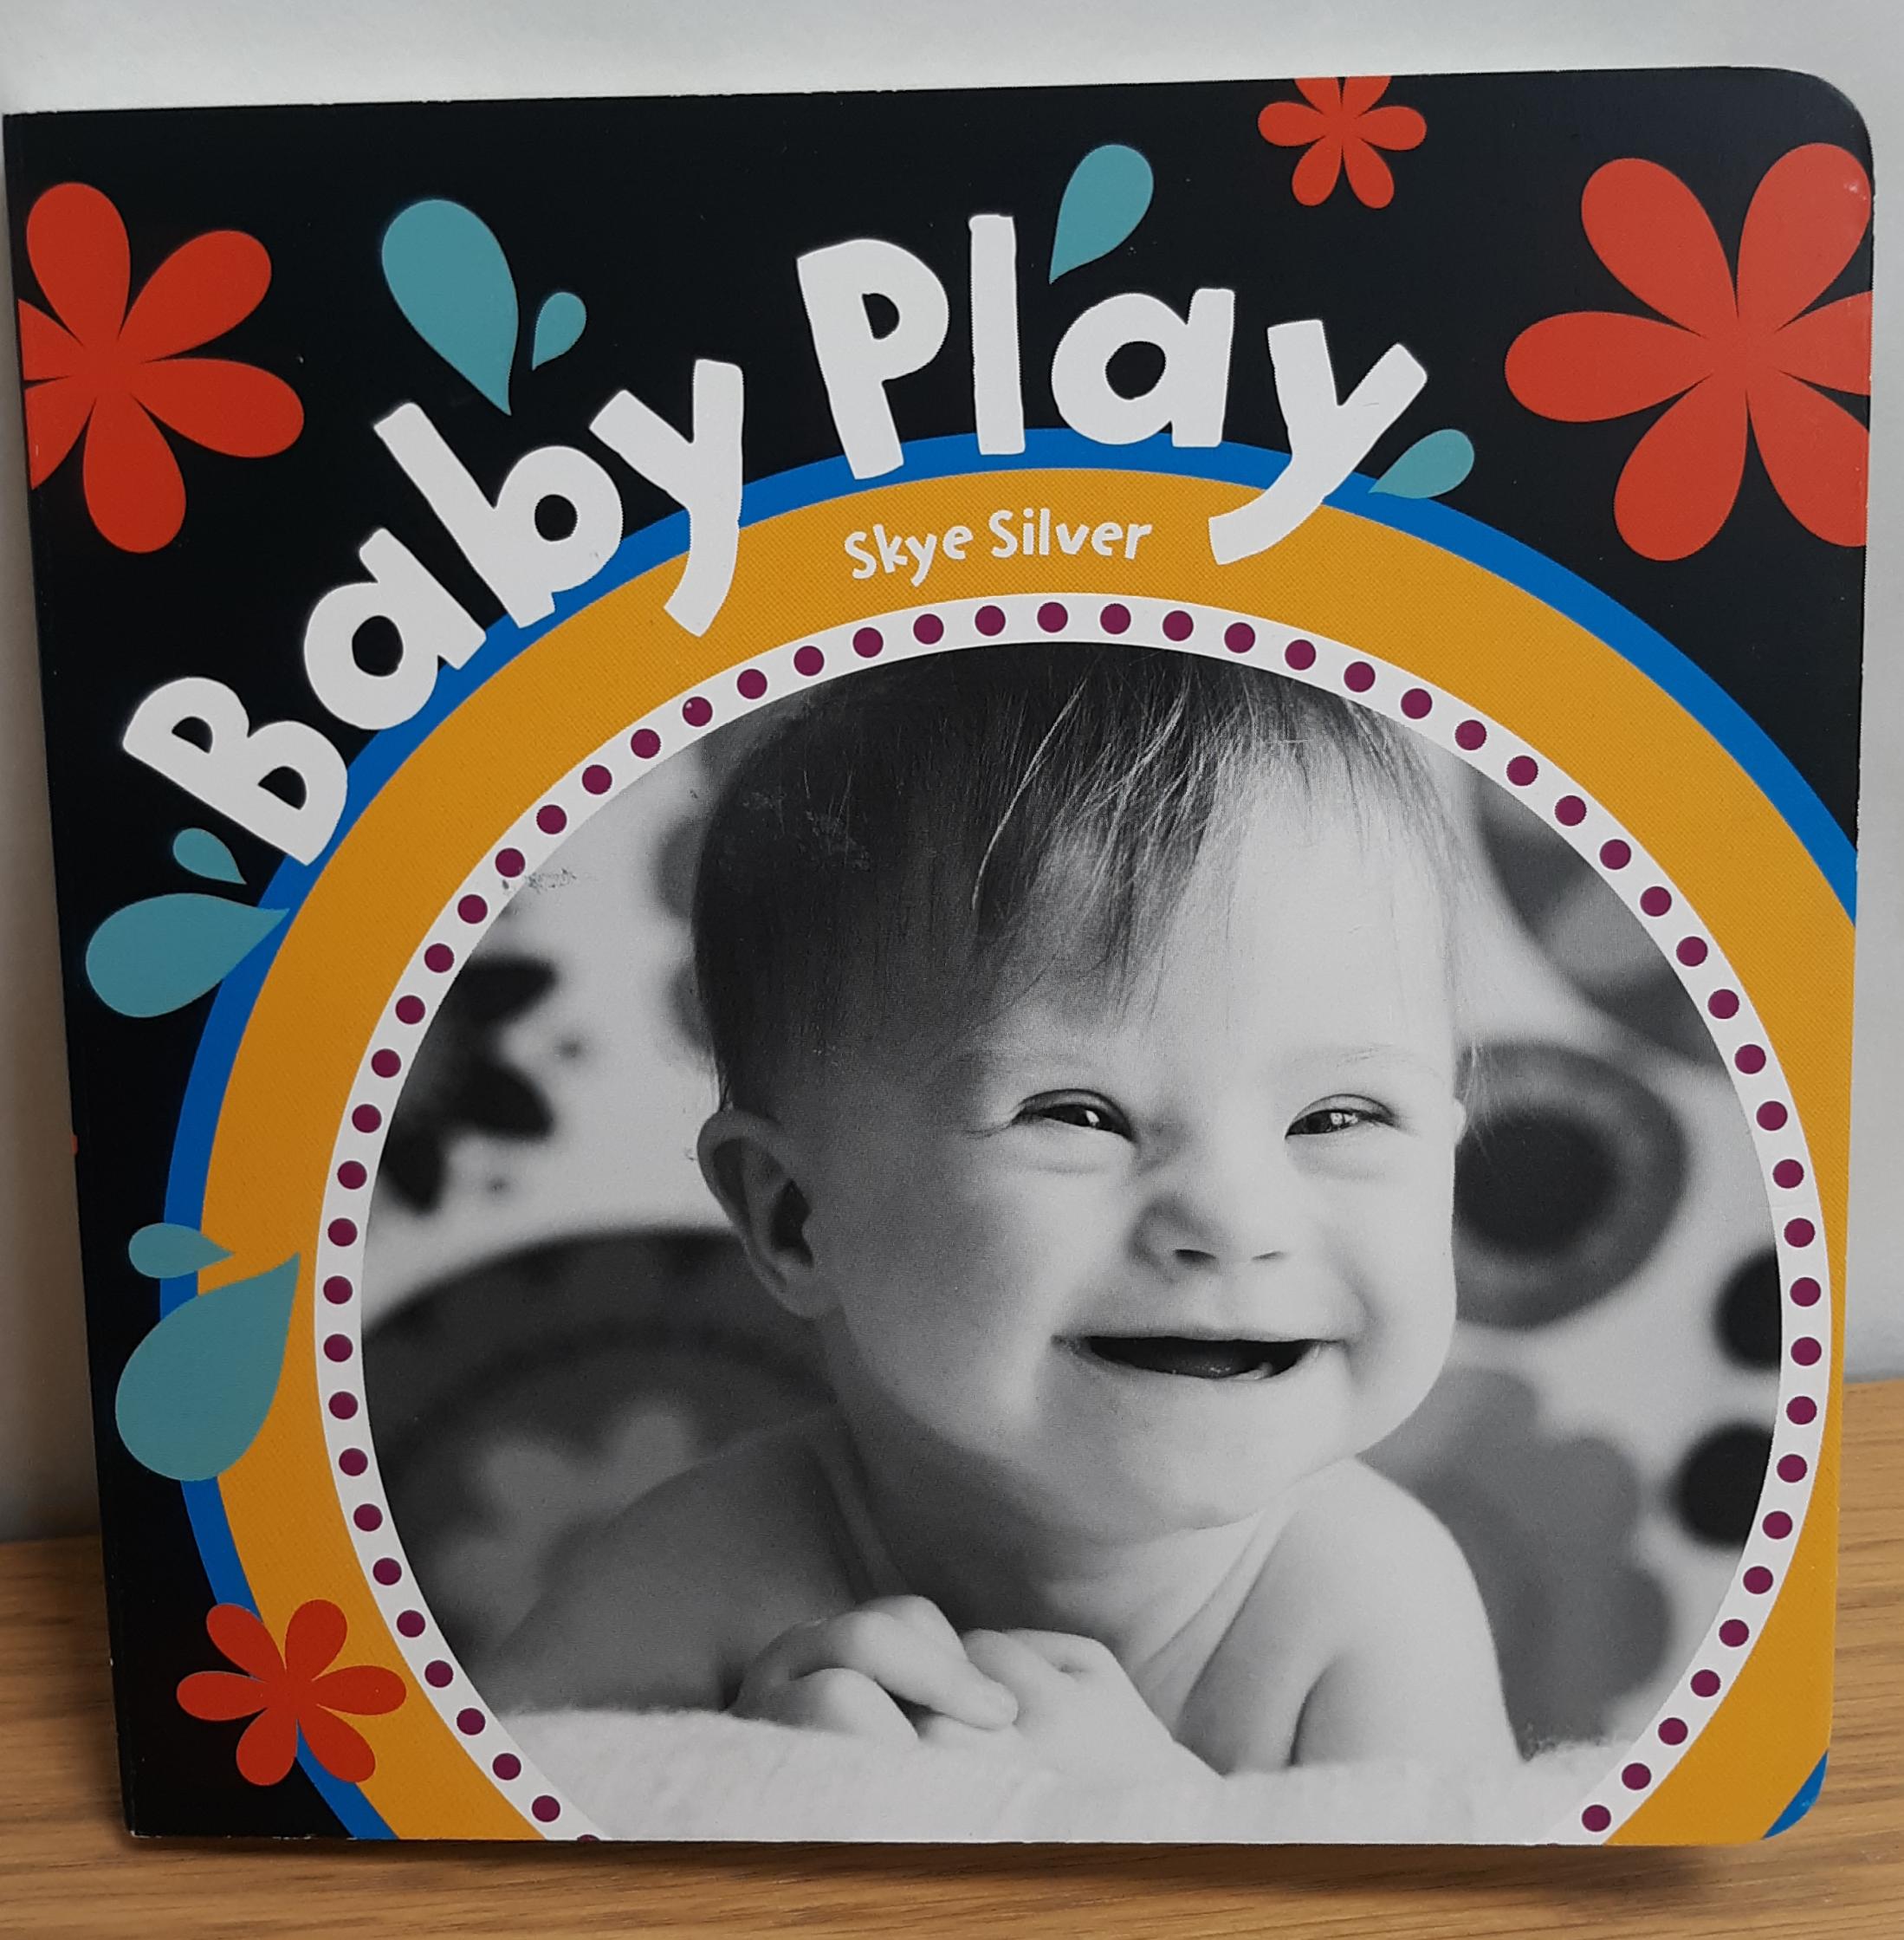 https://0201.nccdn.net/4_2/000/000/01e/20c/baby-play.png